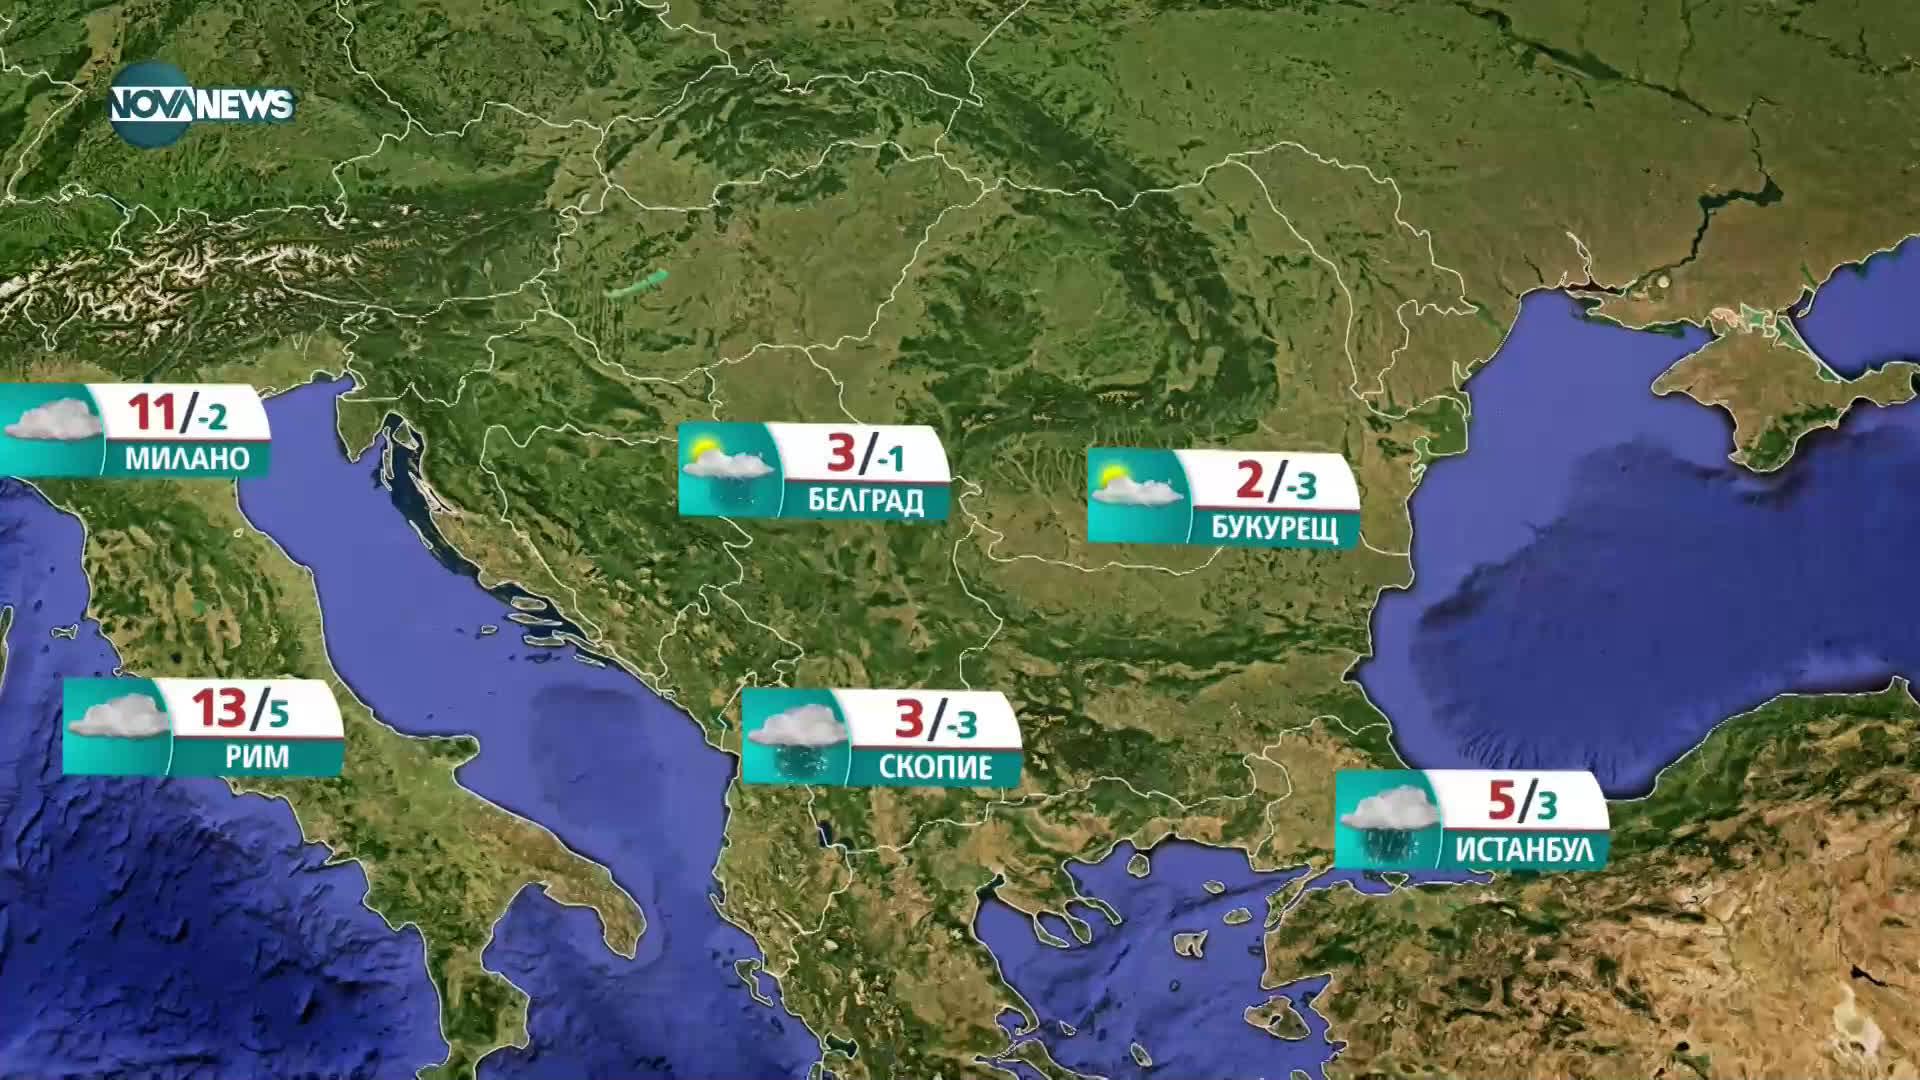 Прогноза за времето на NOVA NEWS (13.01.2021 - 21:00)